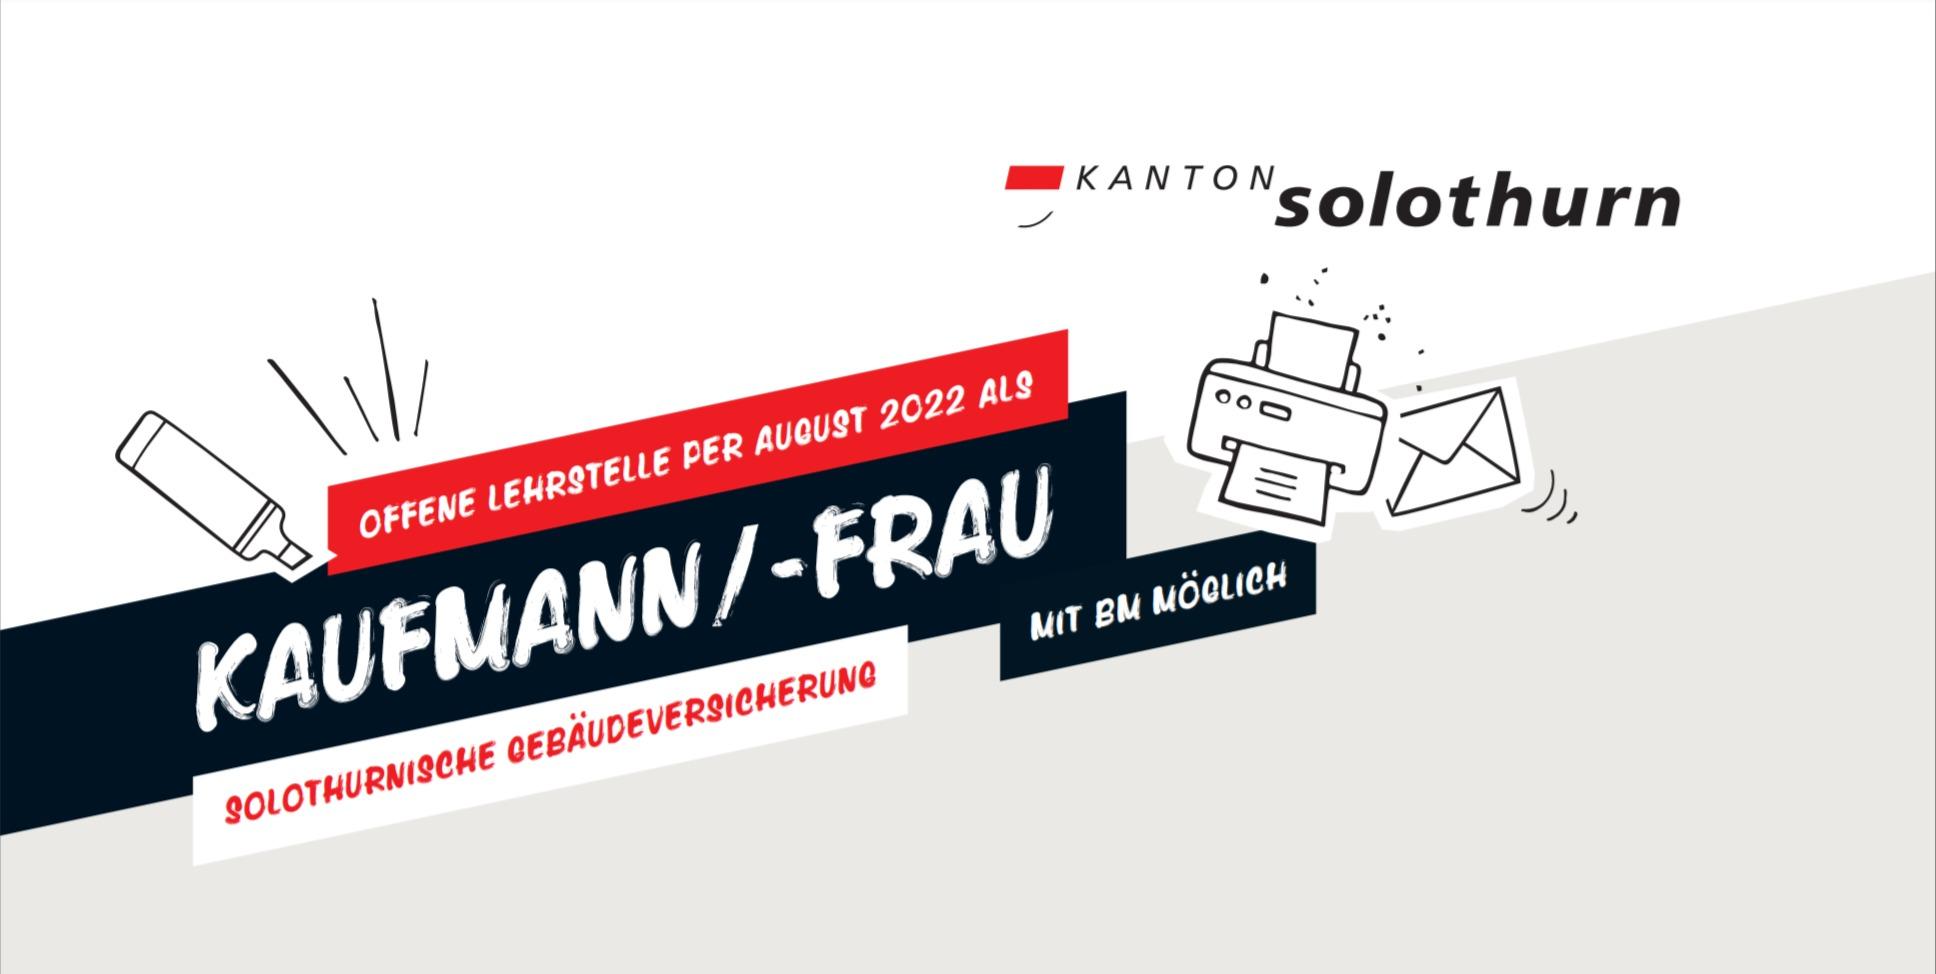 Arbeiten bei lehrstelle als kaufmann frau efz solothurnische gebaeudeversicherung e7d5e6